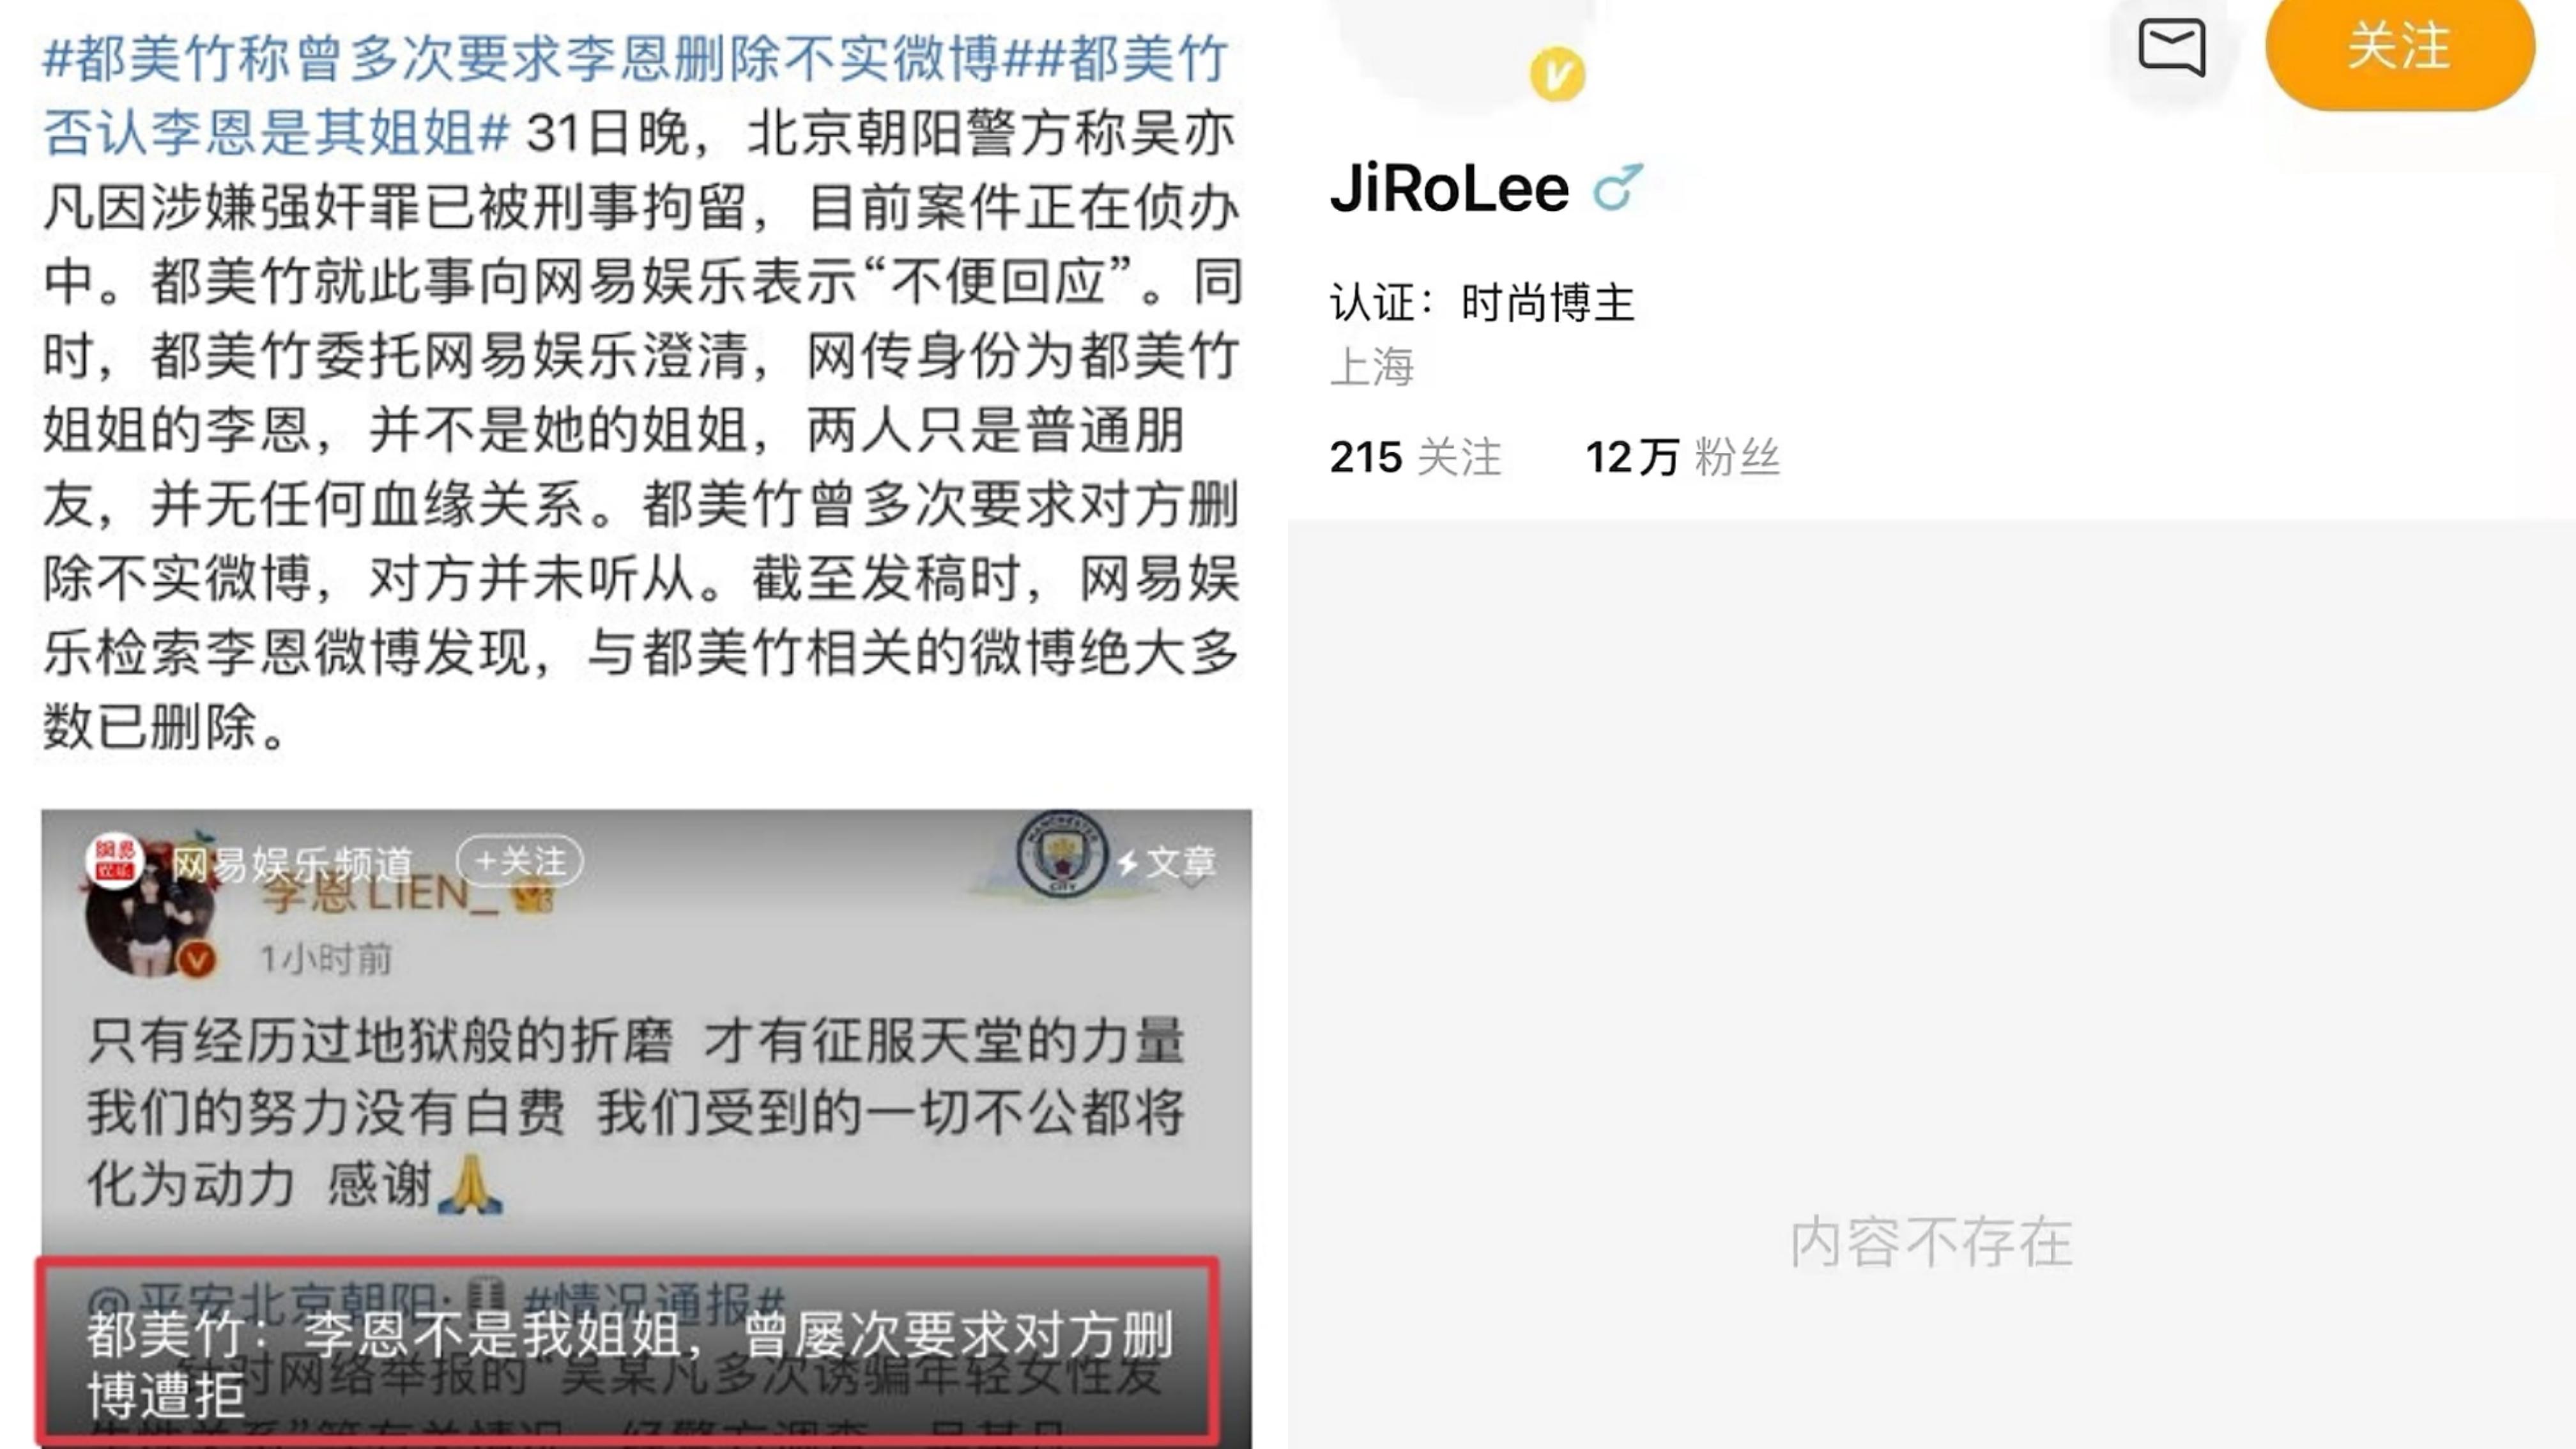 吴亦凡居住地被改成看守所,全平台账号被封禁,还波及半个娱乐圈